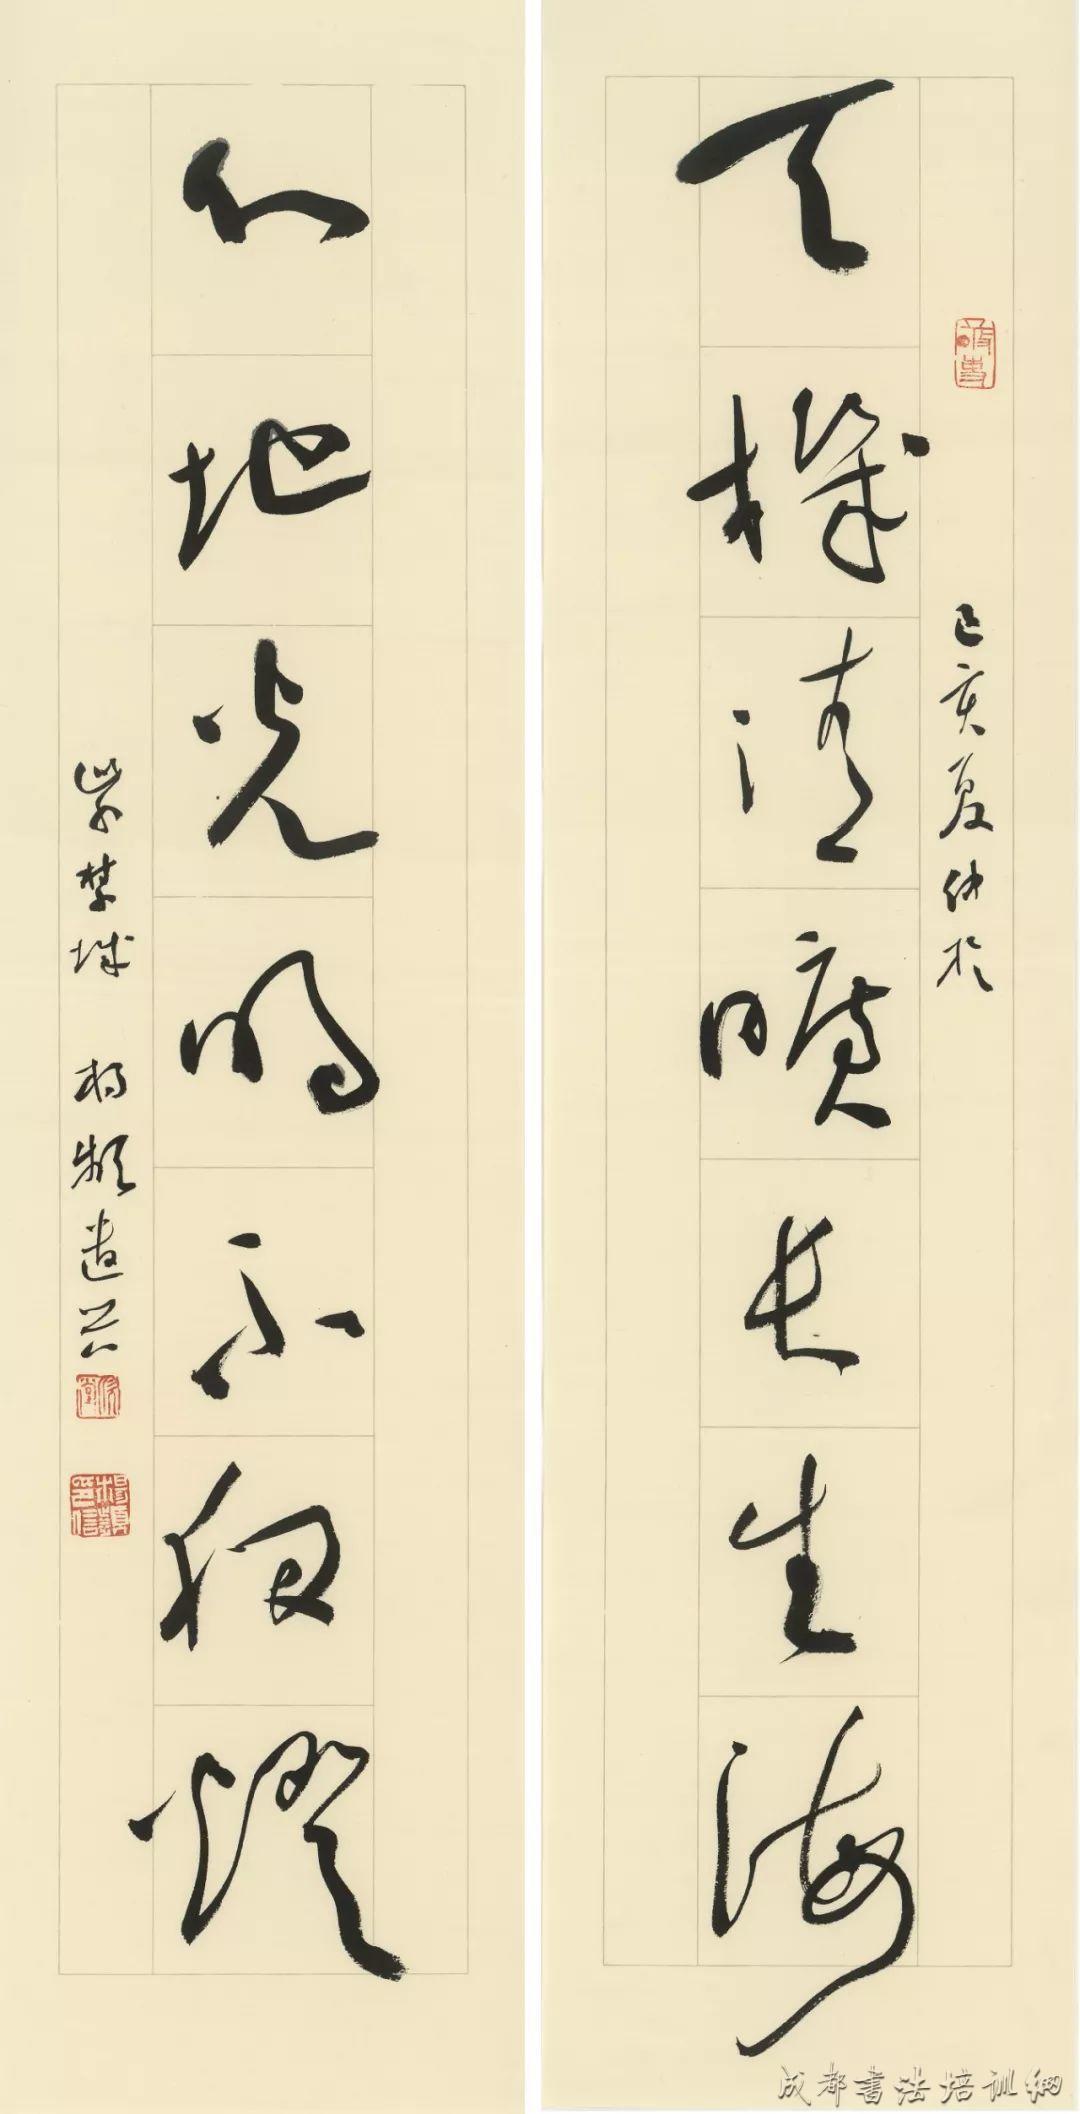 艺术人物|走近书法博士—杨频 –